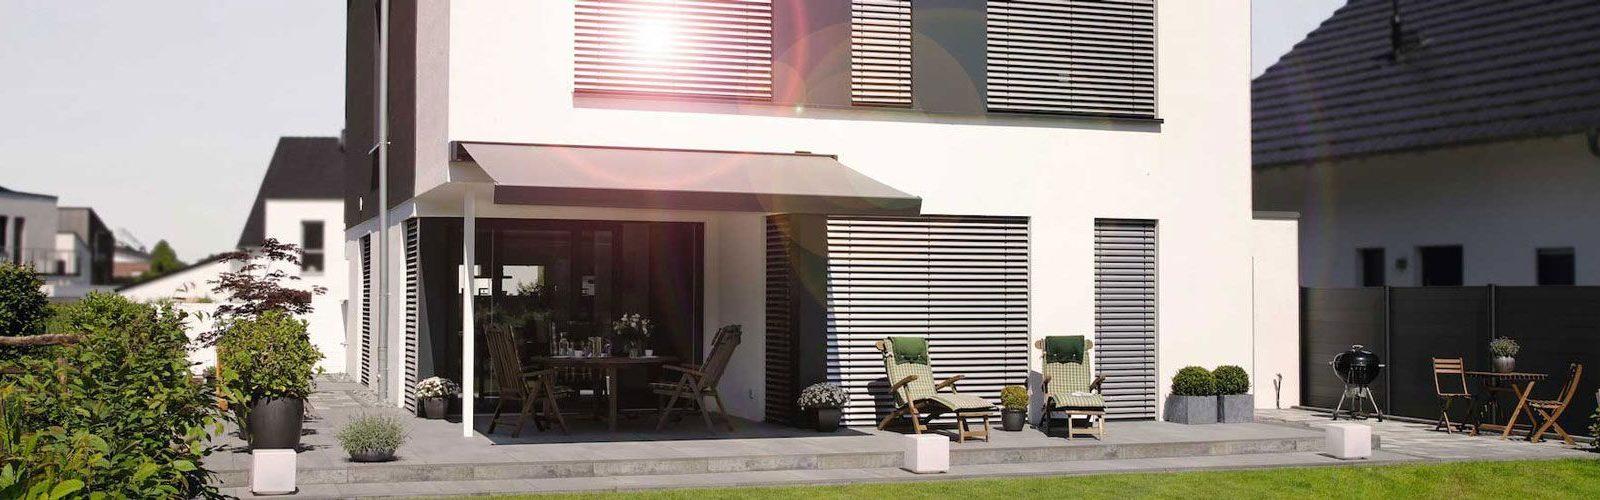 Haus | SAGA Raumausstattung ist seit 50 Jahren Spezialist für Gardinen, Bodenbelag, Sonnenschutz, Sonnensegel, Markisen, Pergola, Rolladen, Insektenschutz, Renovierung und Wasserschaden in Aschaffenburg